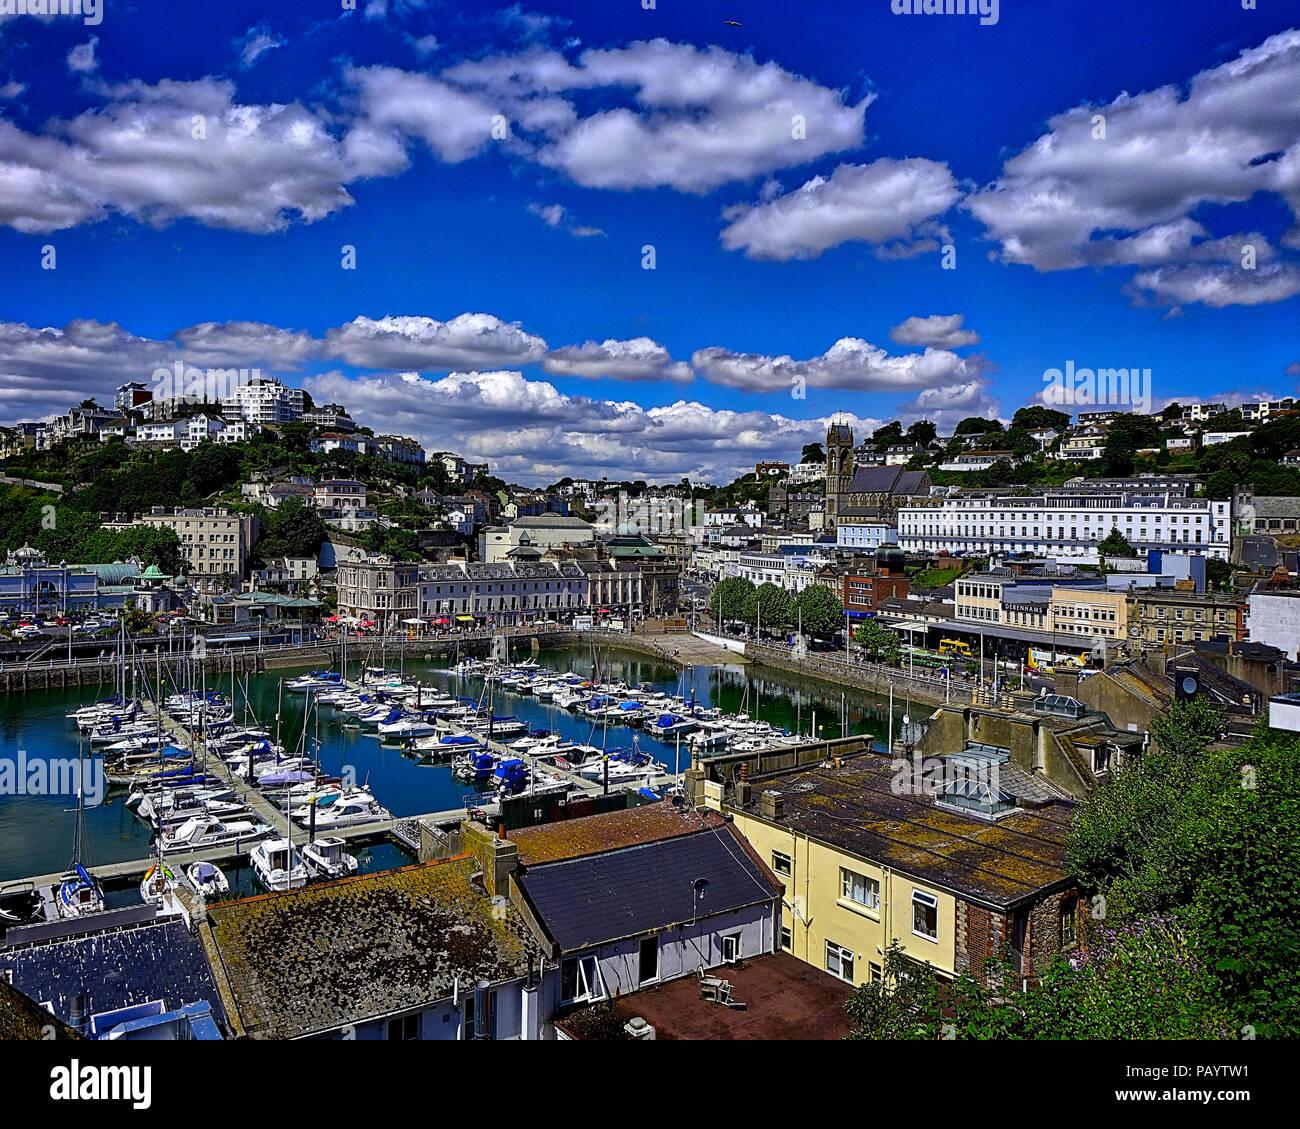 De - Devon: Hafen von Torquay und die Stadt (HDR-Bild) Stockbild